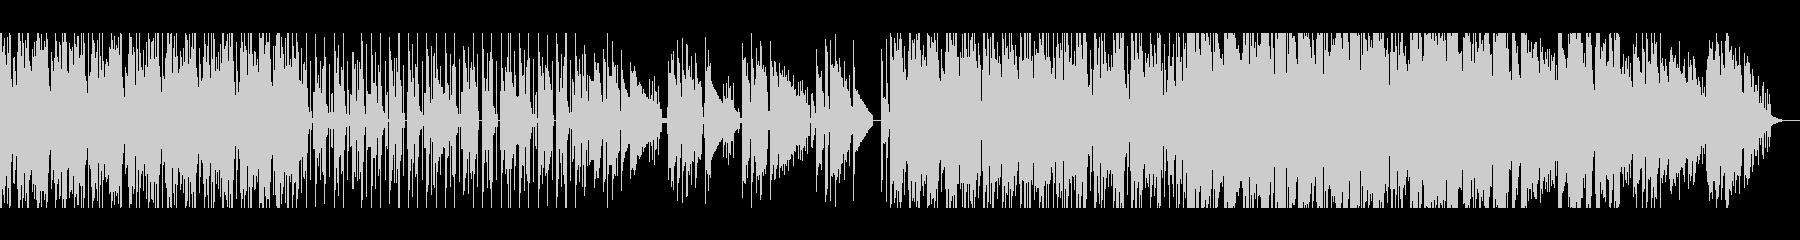 【短いVer3】スペーシーファンクの未再生の波形